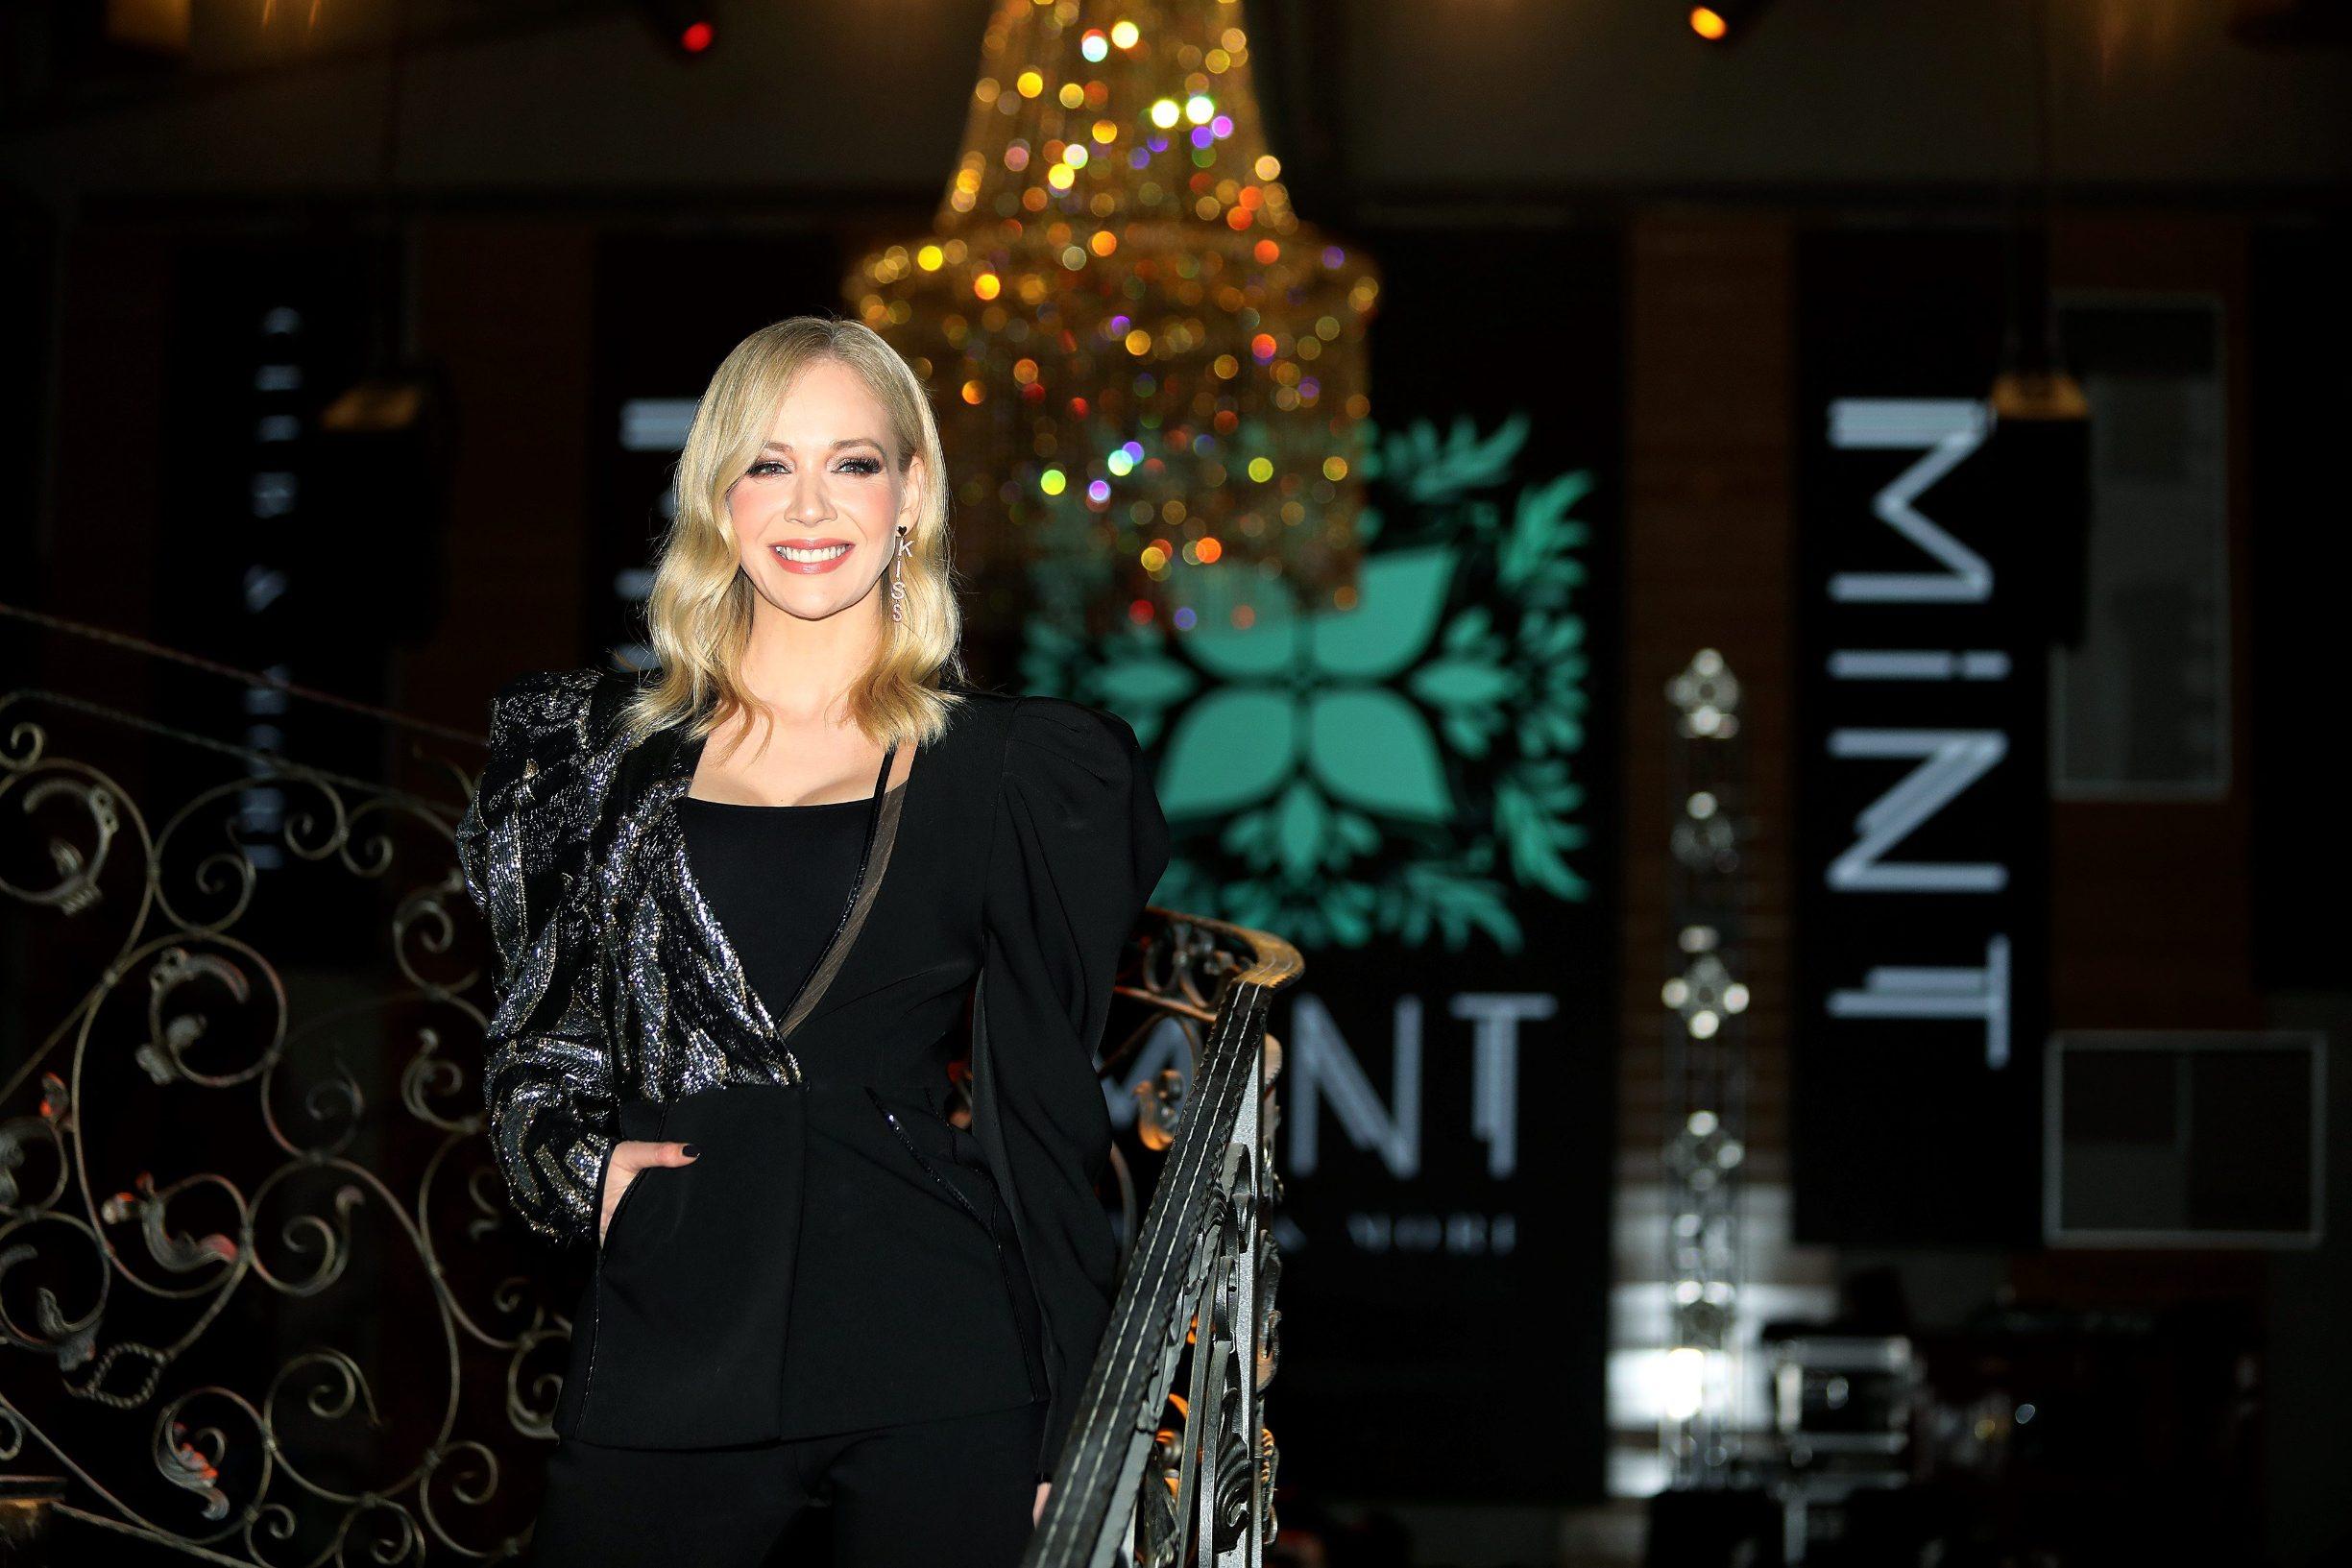 Jelena Rozga na otvorenju Mint cluba u Zagrebu krajem 2019. godine